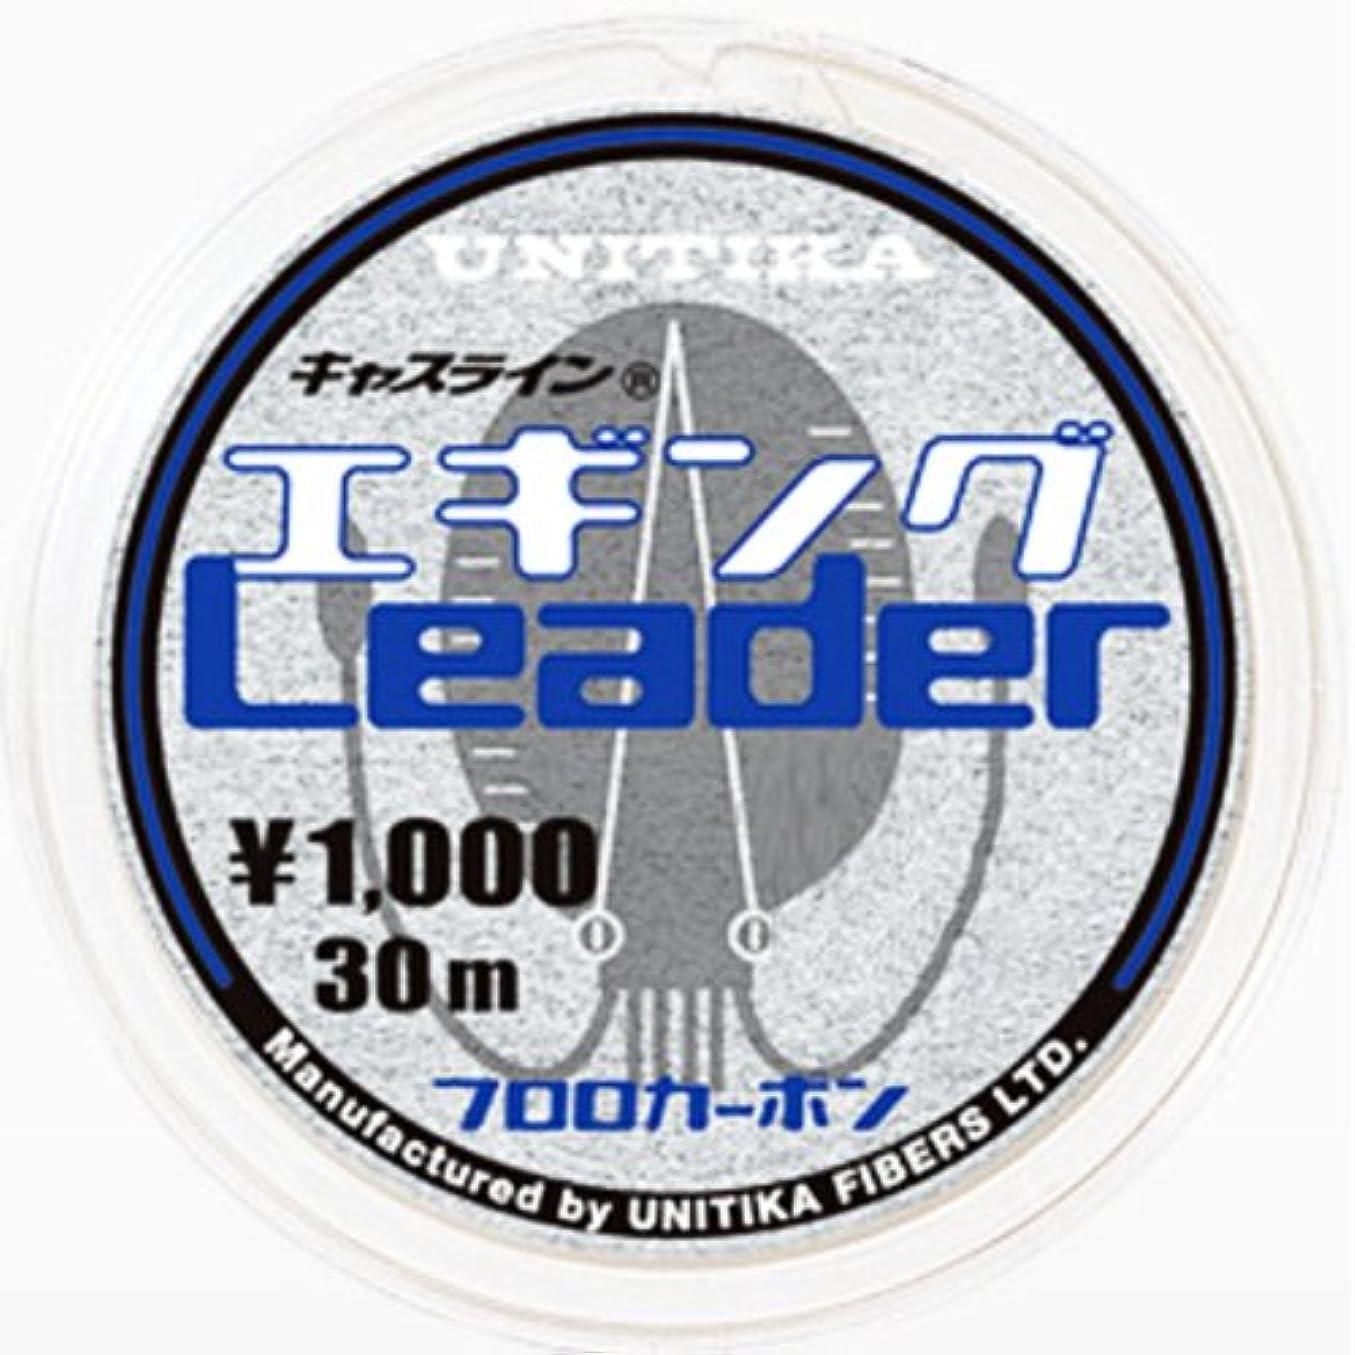 アルファベット外部ハックユニチカ(UNITIKA) ライン キャスライン エギングリーダー 30m 2.5号